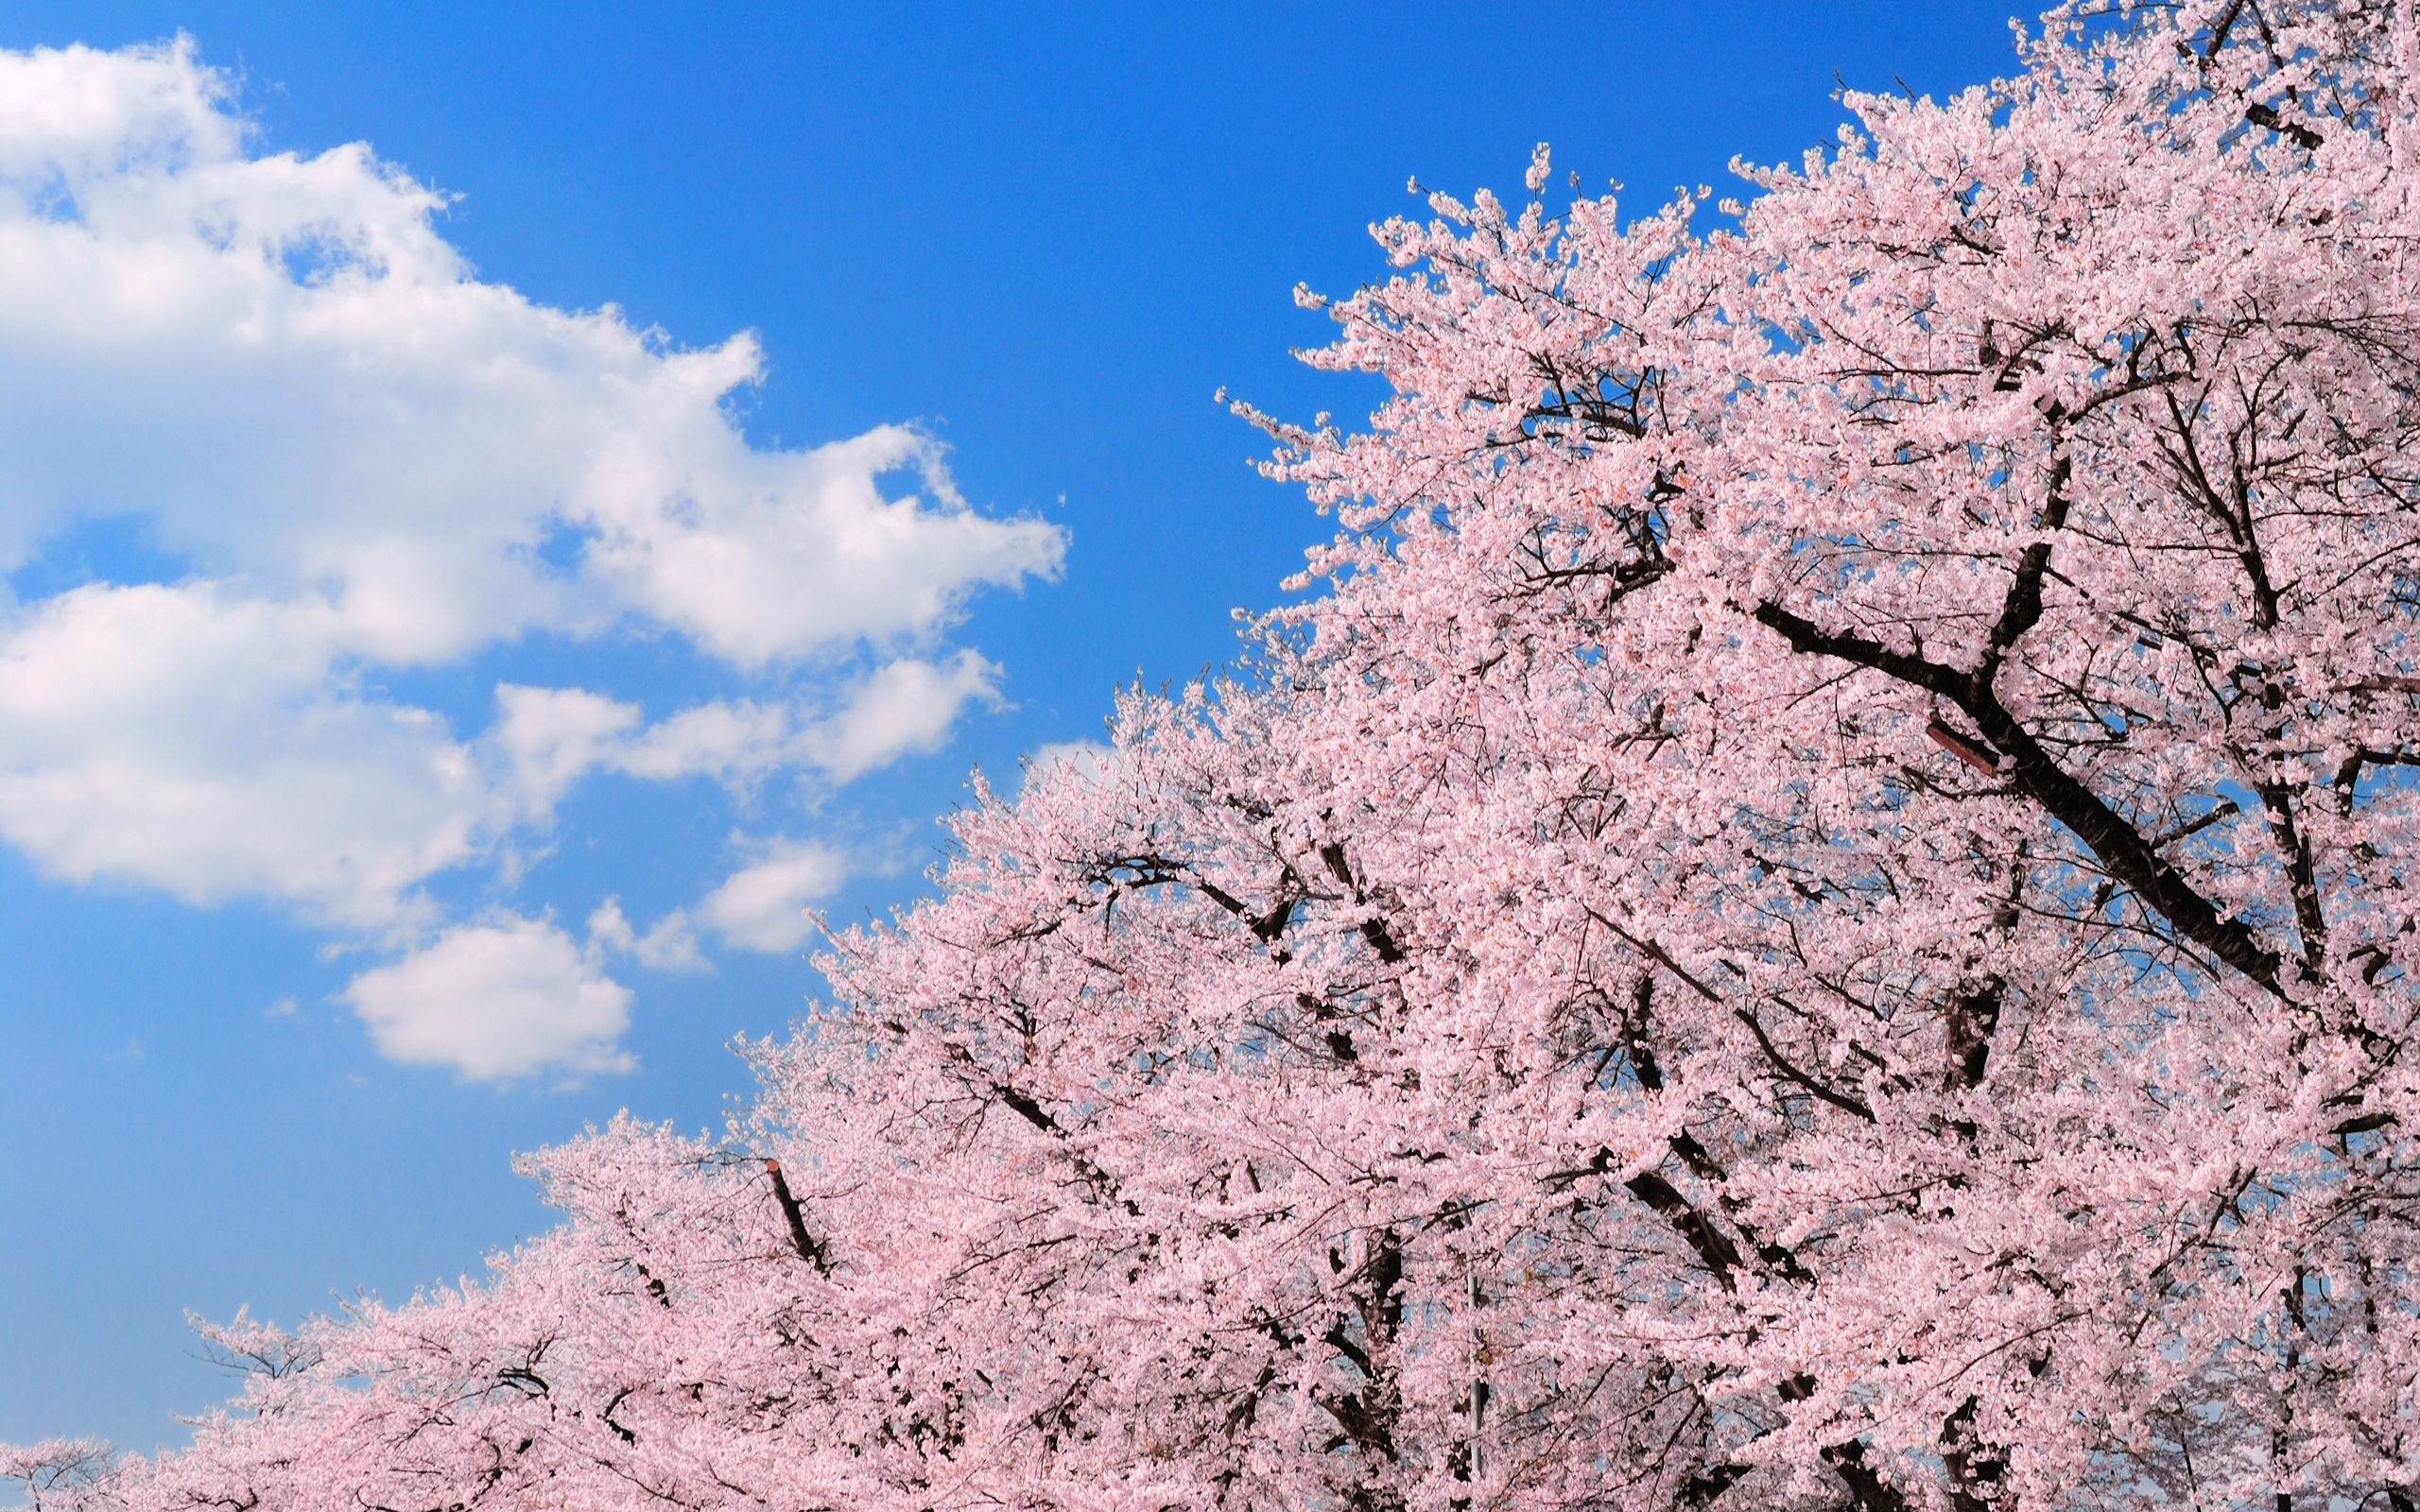 обои для рабочего стола весна япония № 60182  скачать